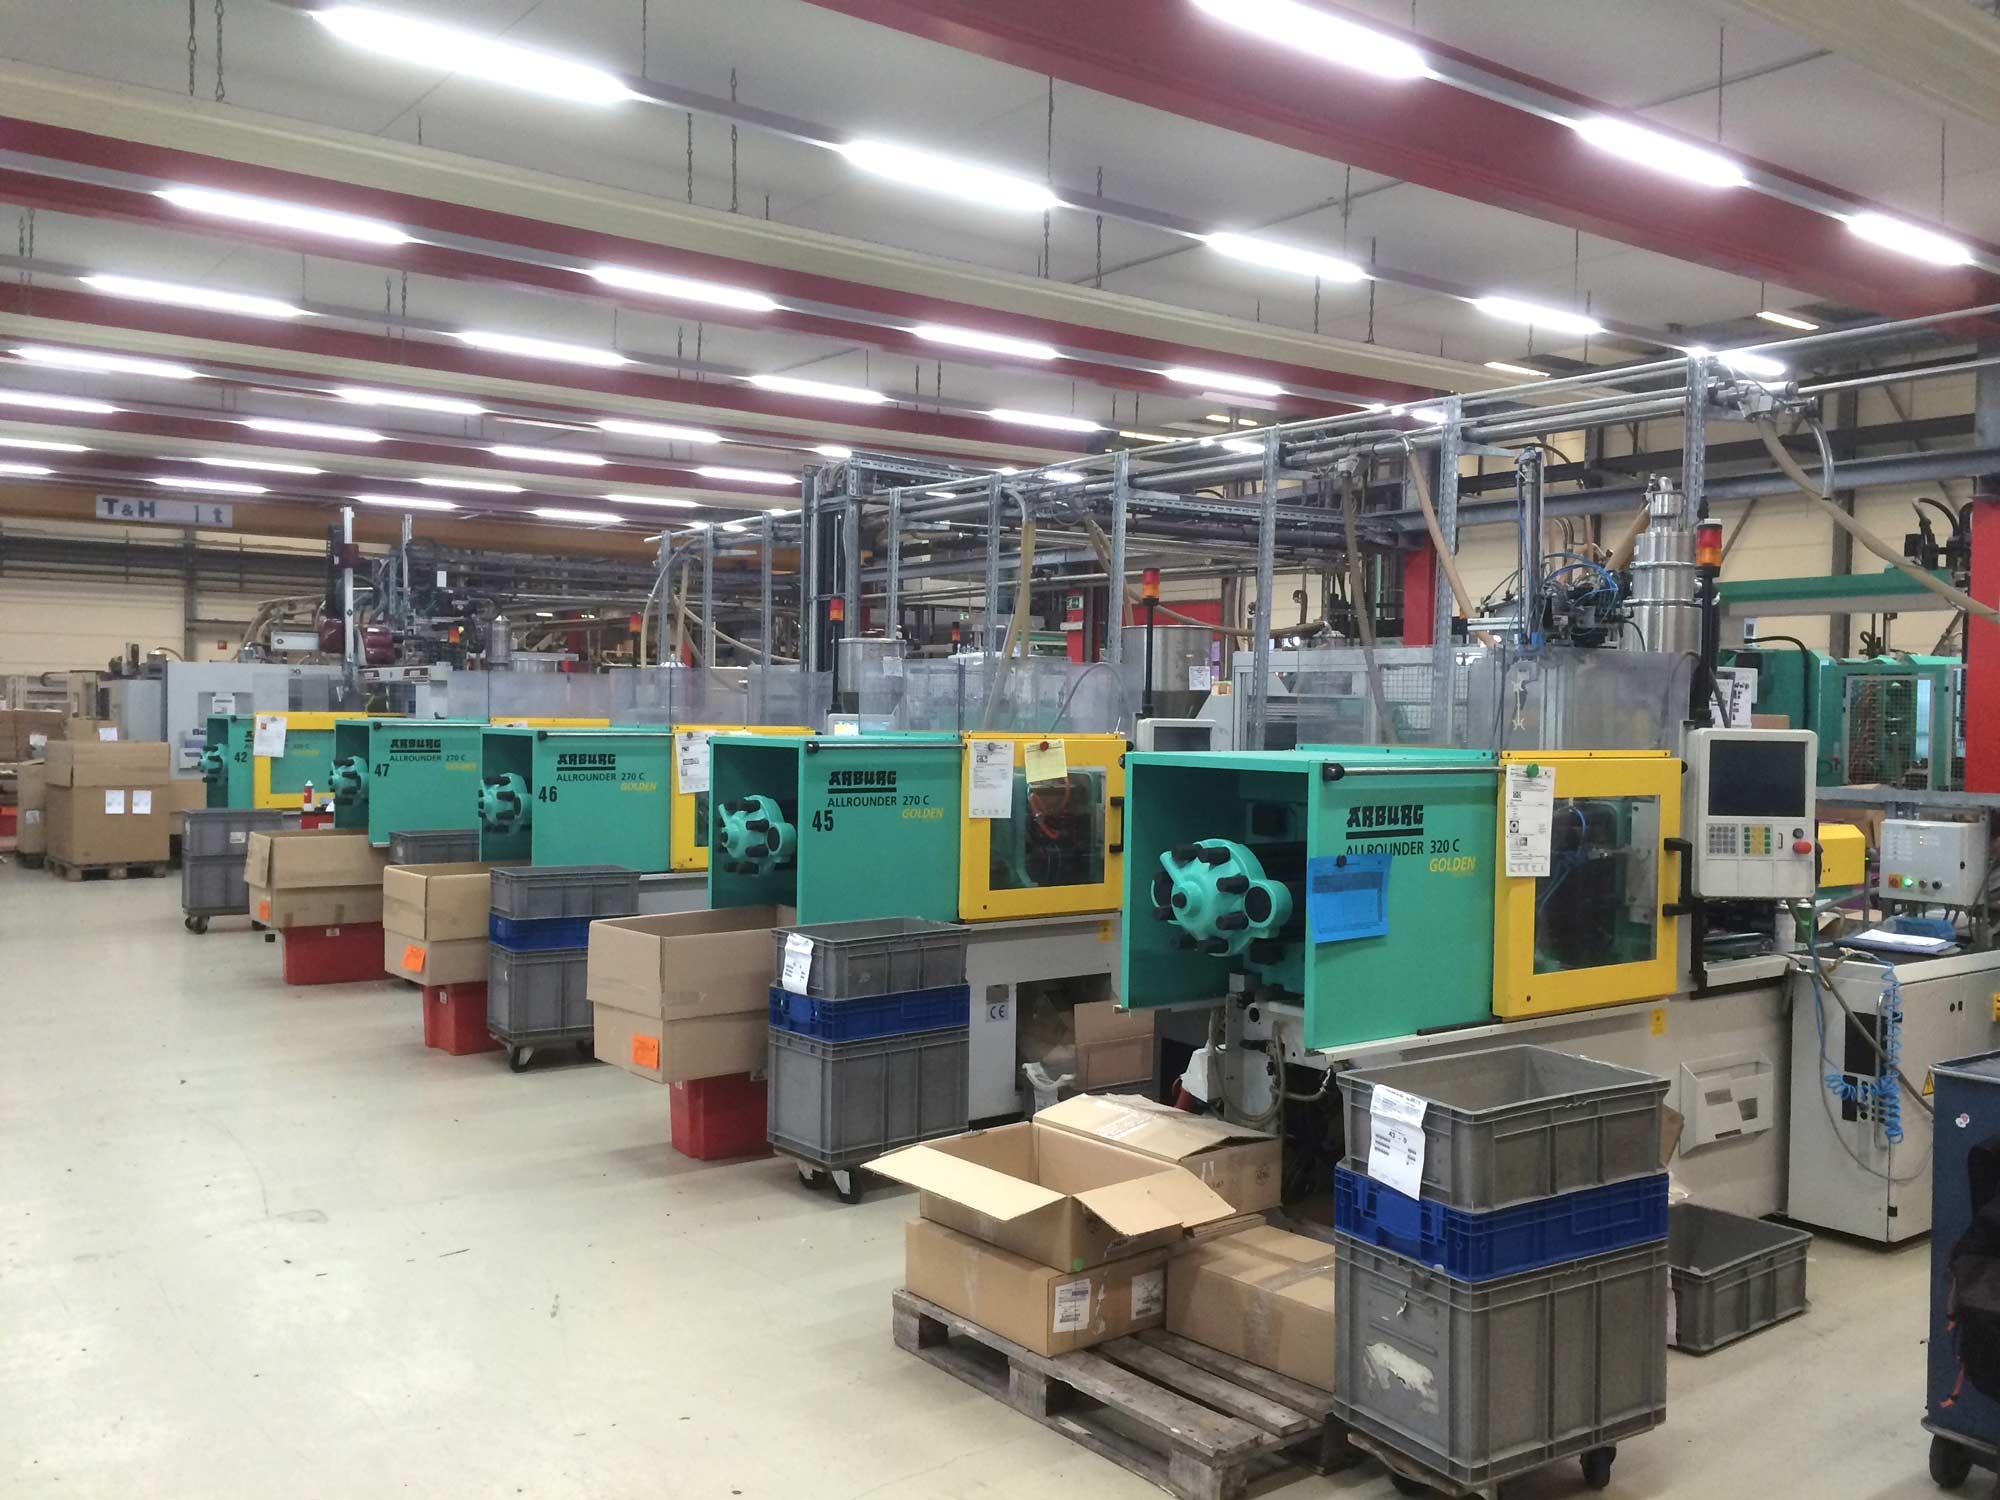 Foto einer Industriehalle mit neuen KB Silverline.pro LED-Leuchten